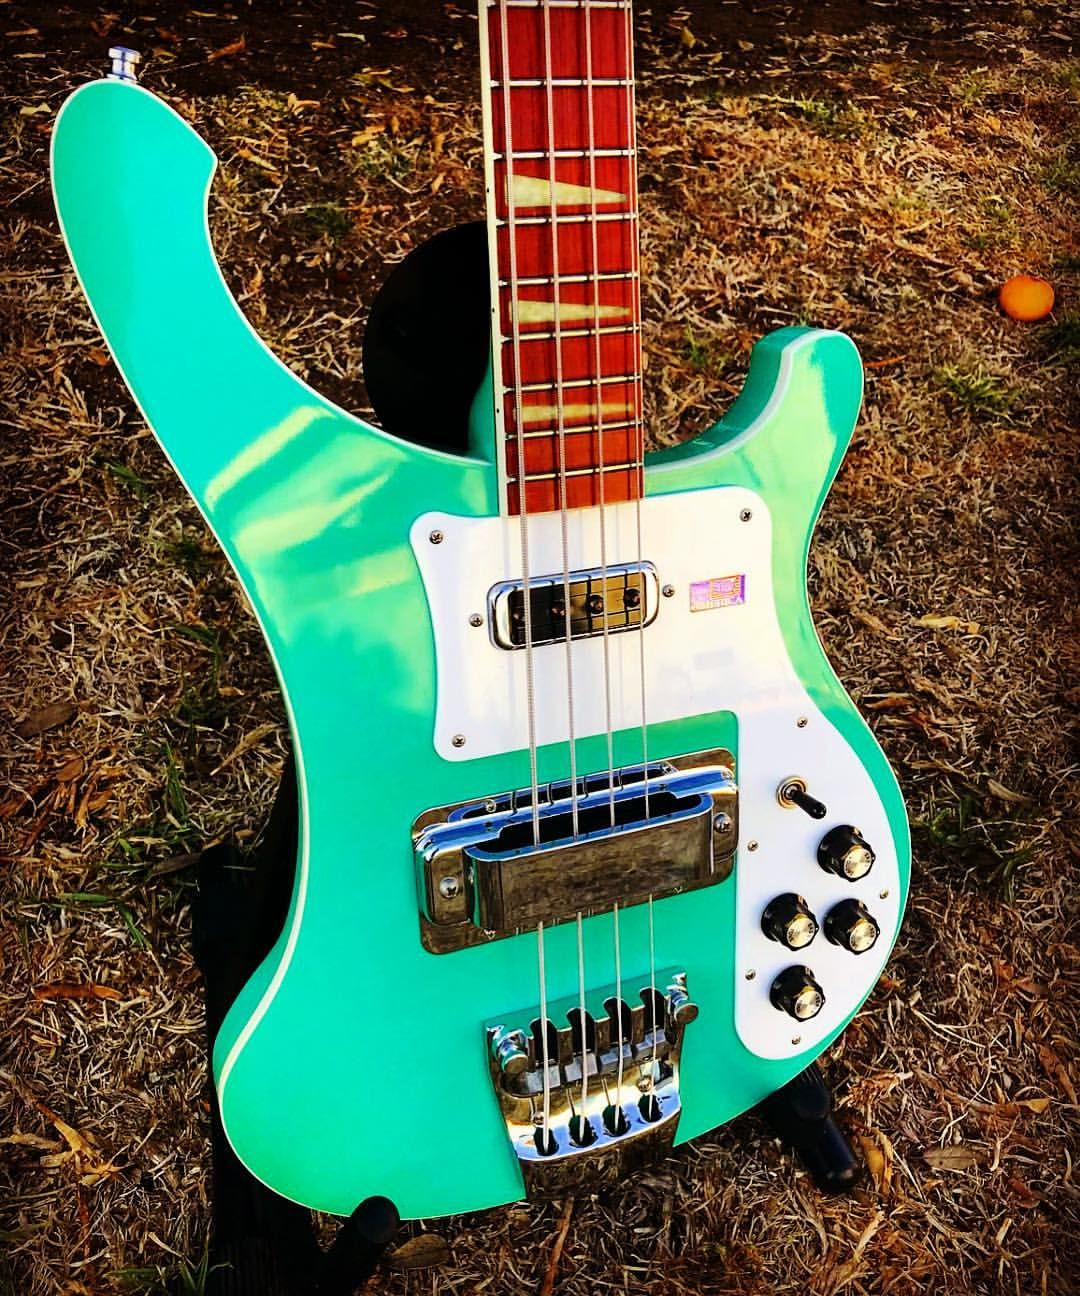 bass player magazine a rare rickenbacker 4003 in surf green orangeforscale bassgram instabass bassporn bassplayer bassplayermag  [ 1080 x 1296 Pixel ]